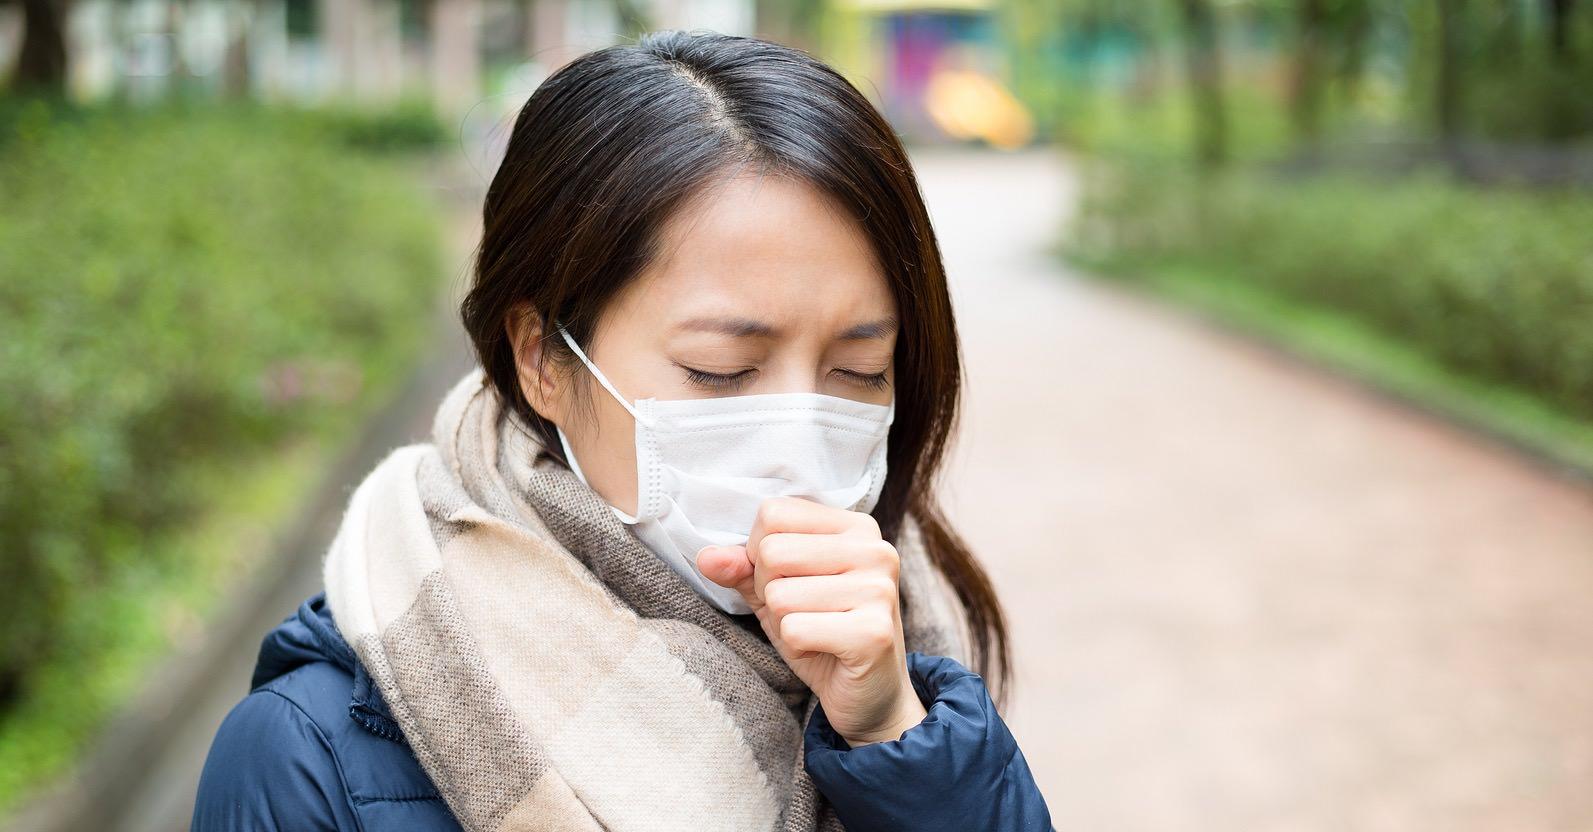 ما الفرق بين أعراض الإنفلونزا وفيروس كورونا ؟